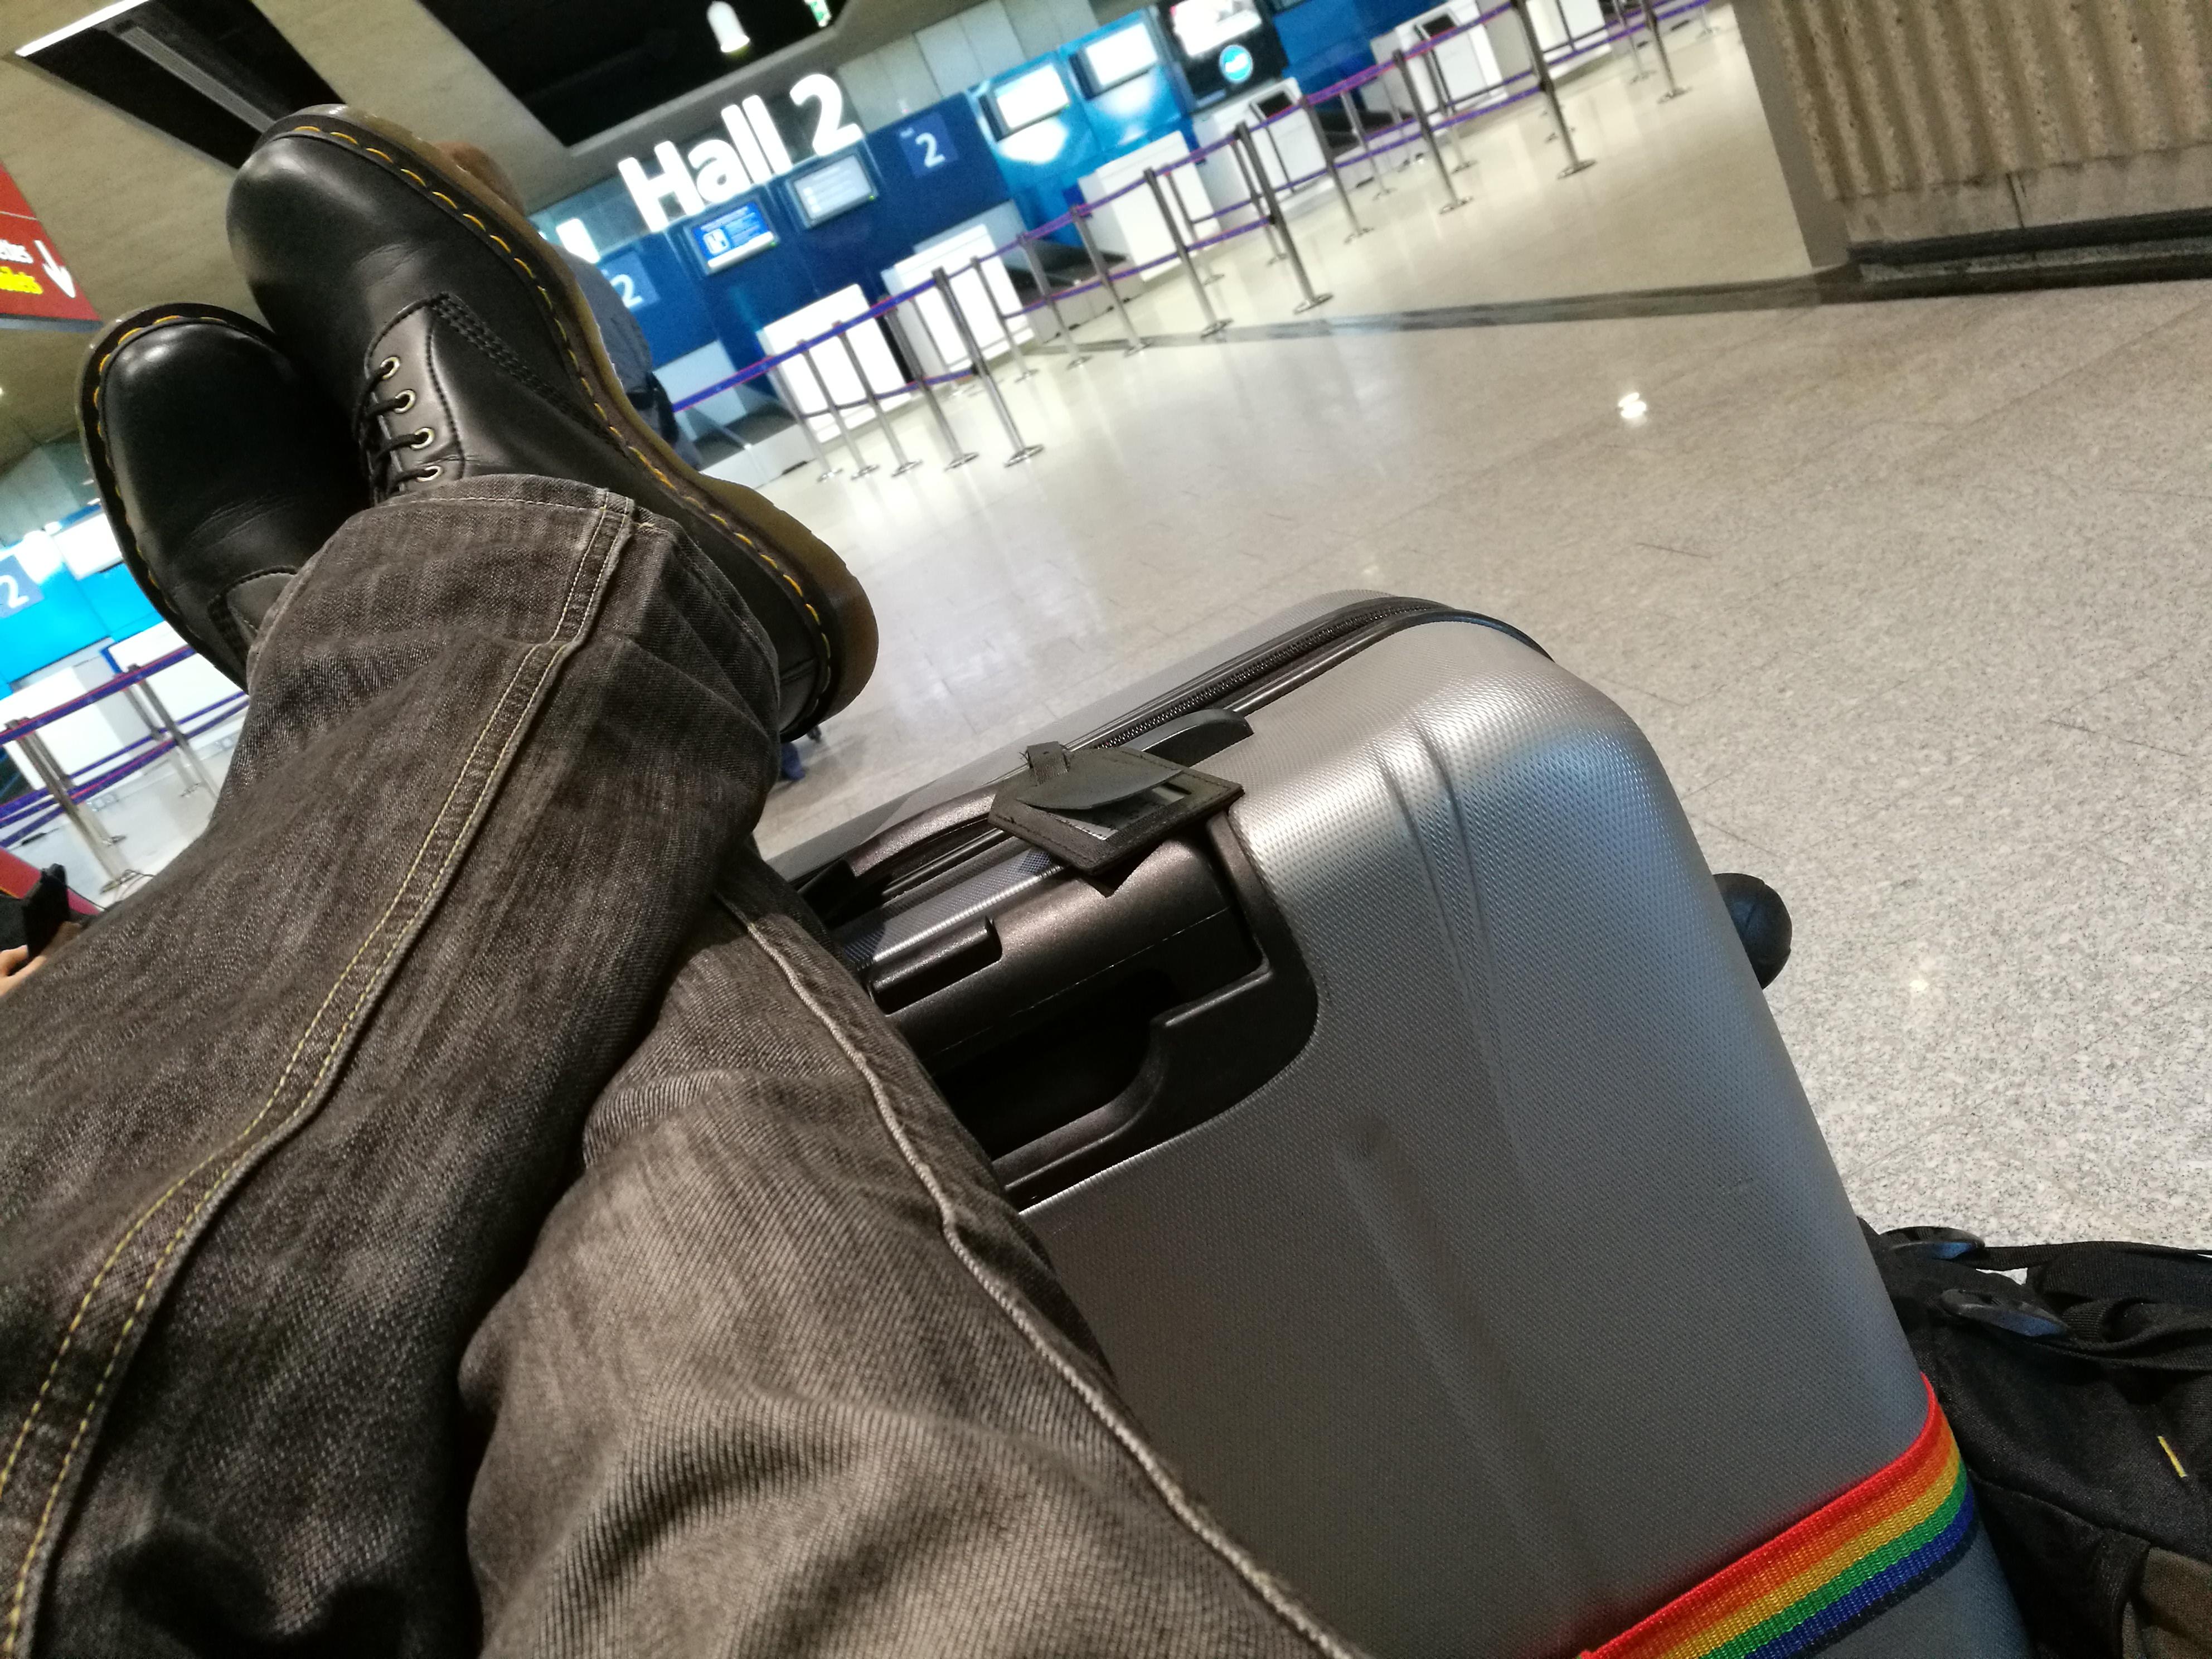 Aéroport de Paris Roissy Charles-de-Gaulle